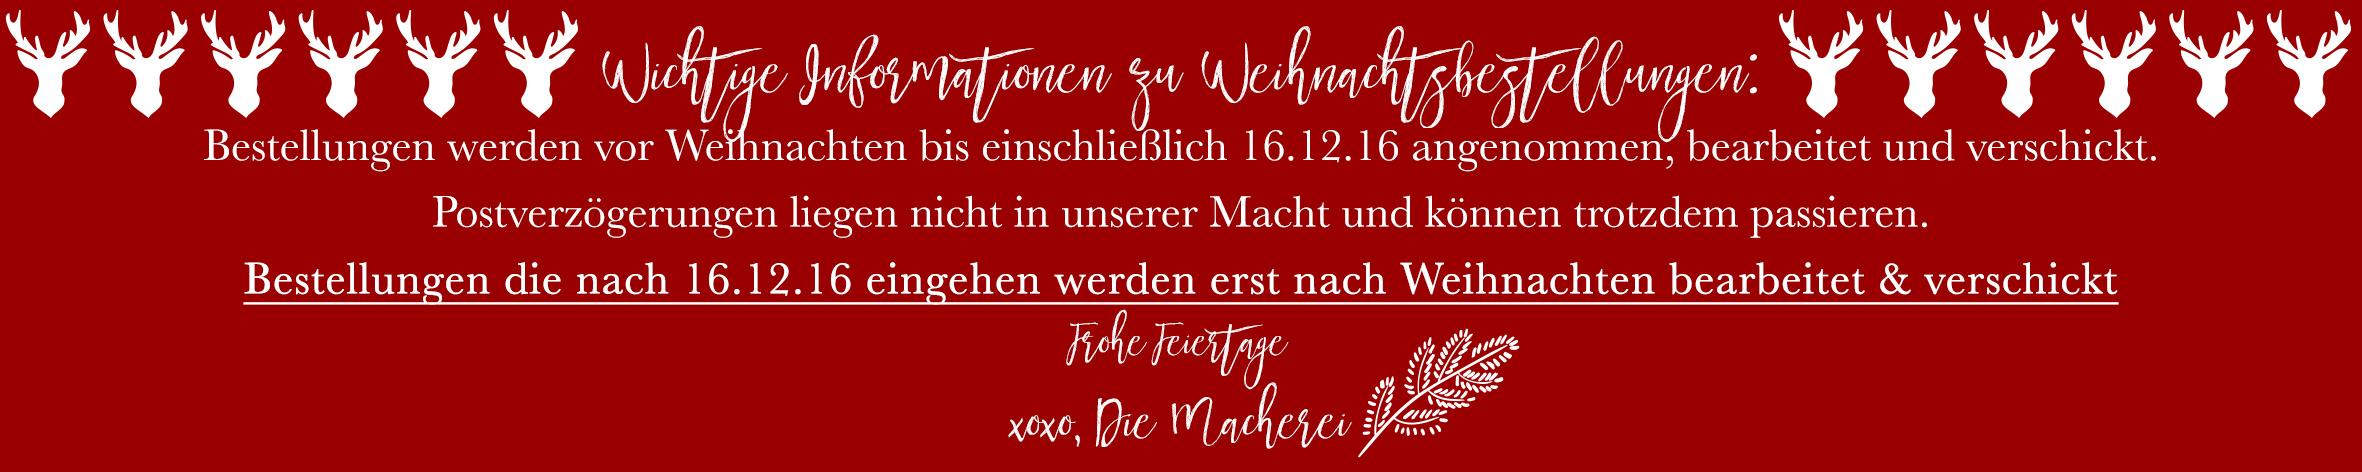 info_weihnachten